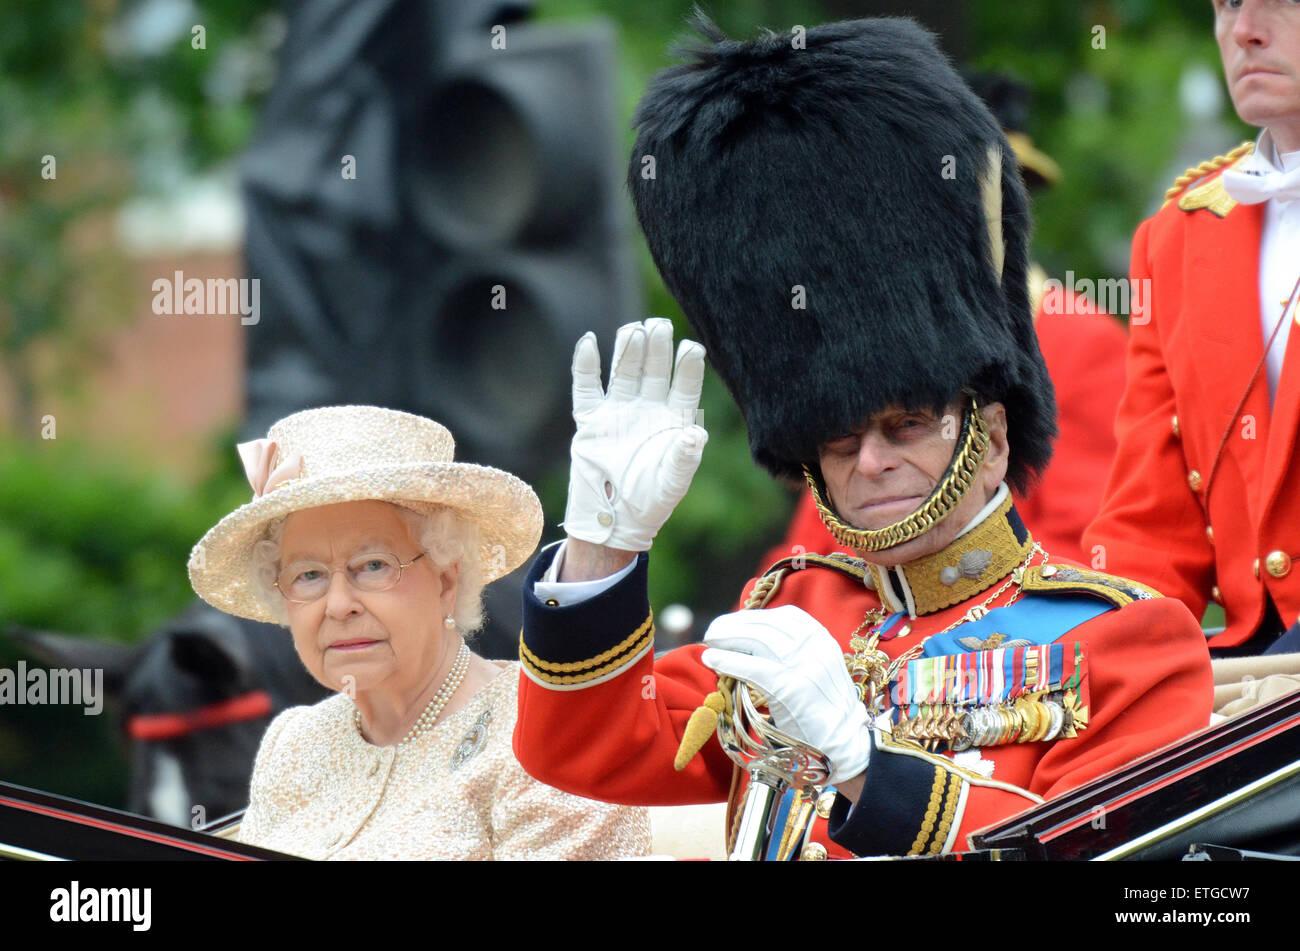 La Reina y el príncipe Felipe. Trooping del color en el Mall. Londres. Duque de Edimburgo en uniforme con medallas. Imagen De Stock